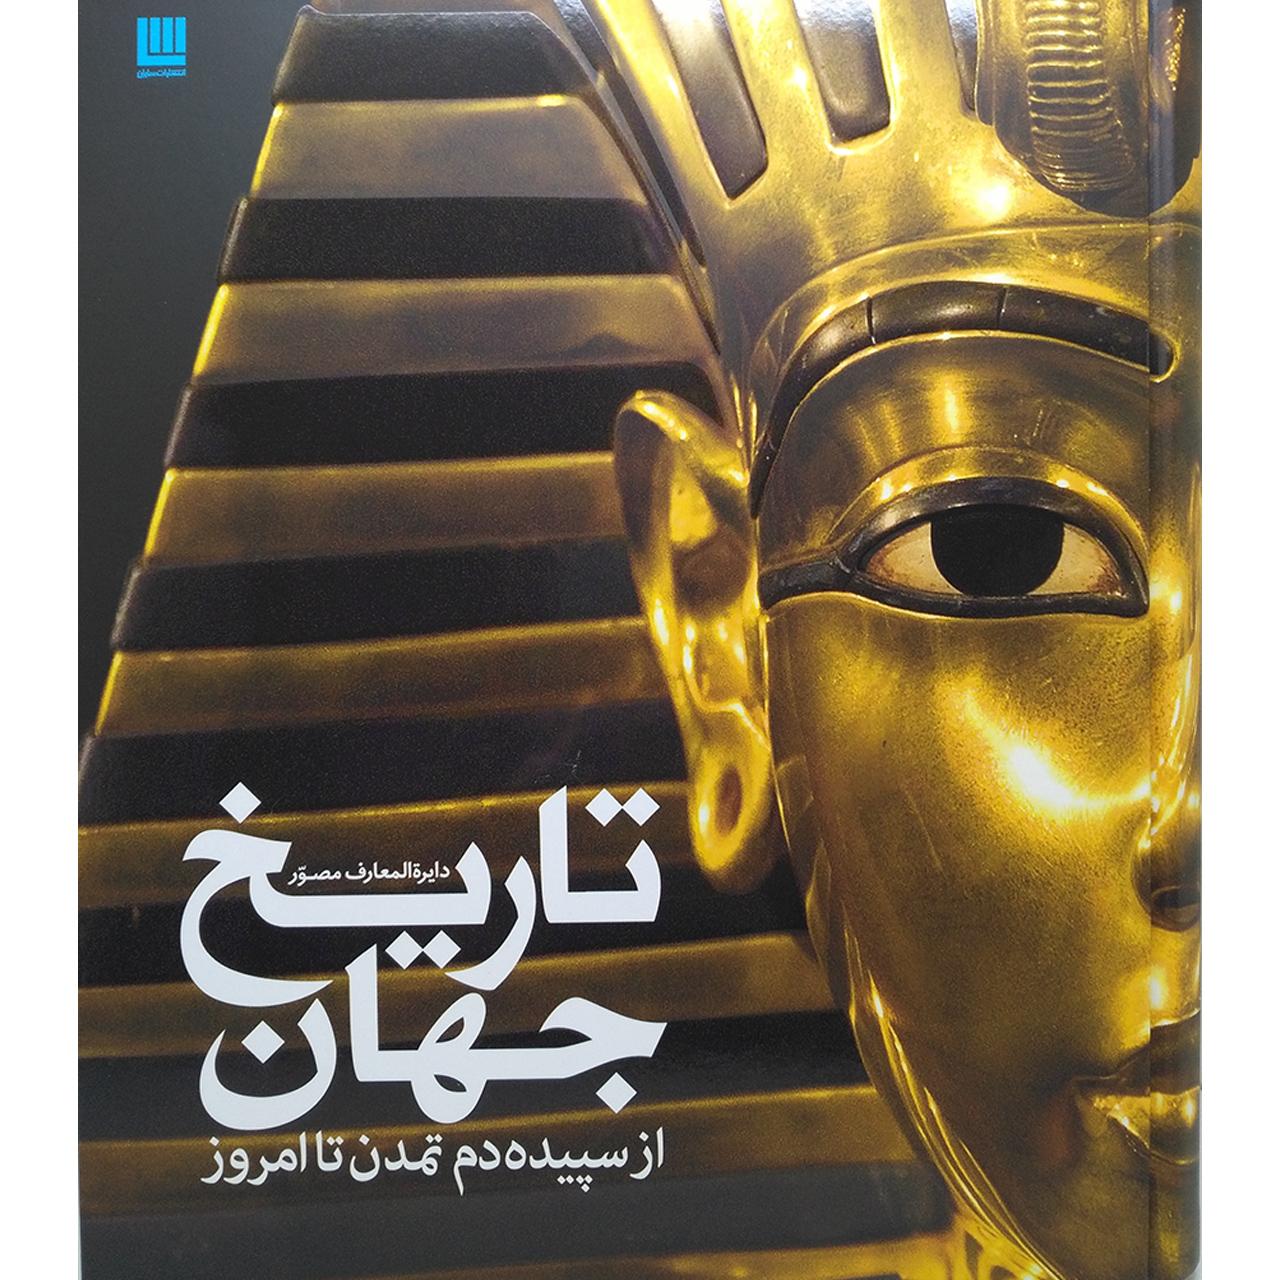 کتاب دایره المعارف مصور تاریخ جهان از سپیده دم تمدن تا امروز نشر سایان